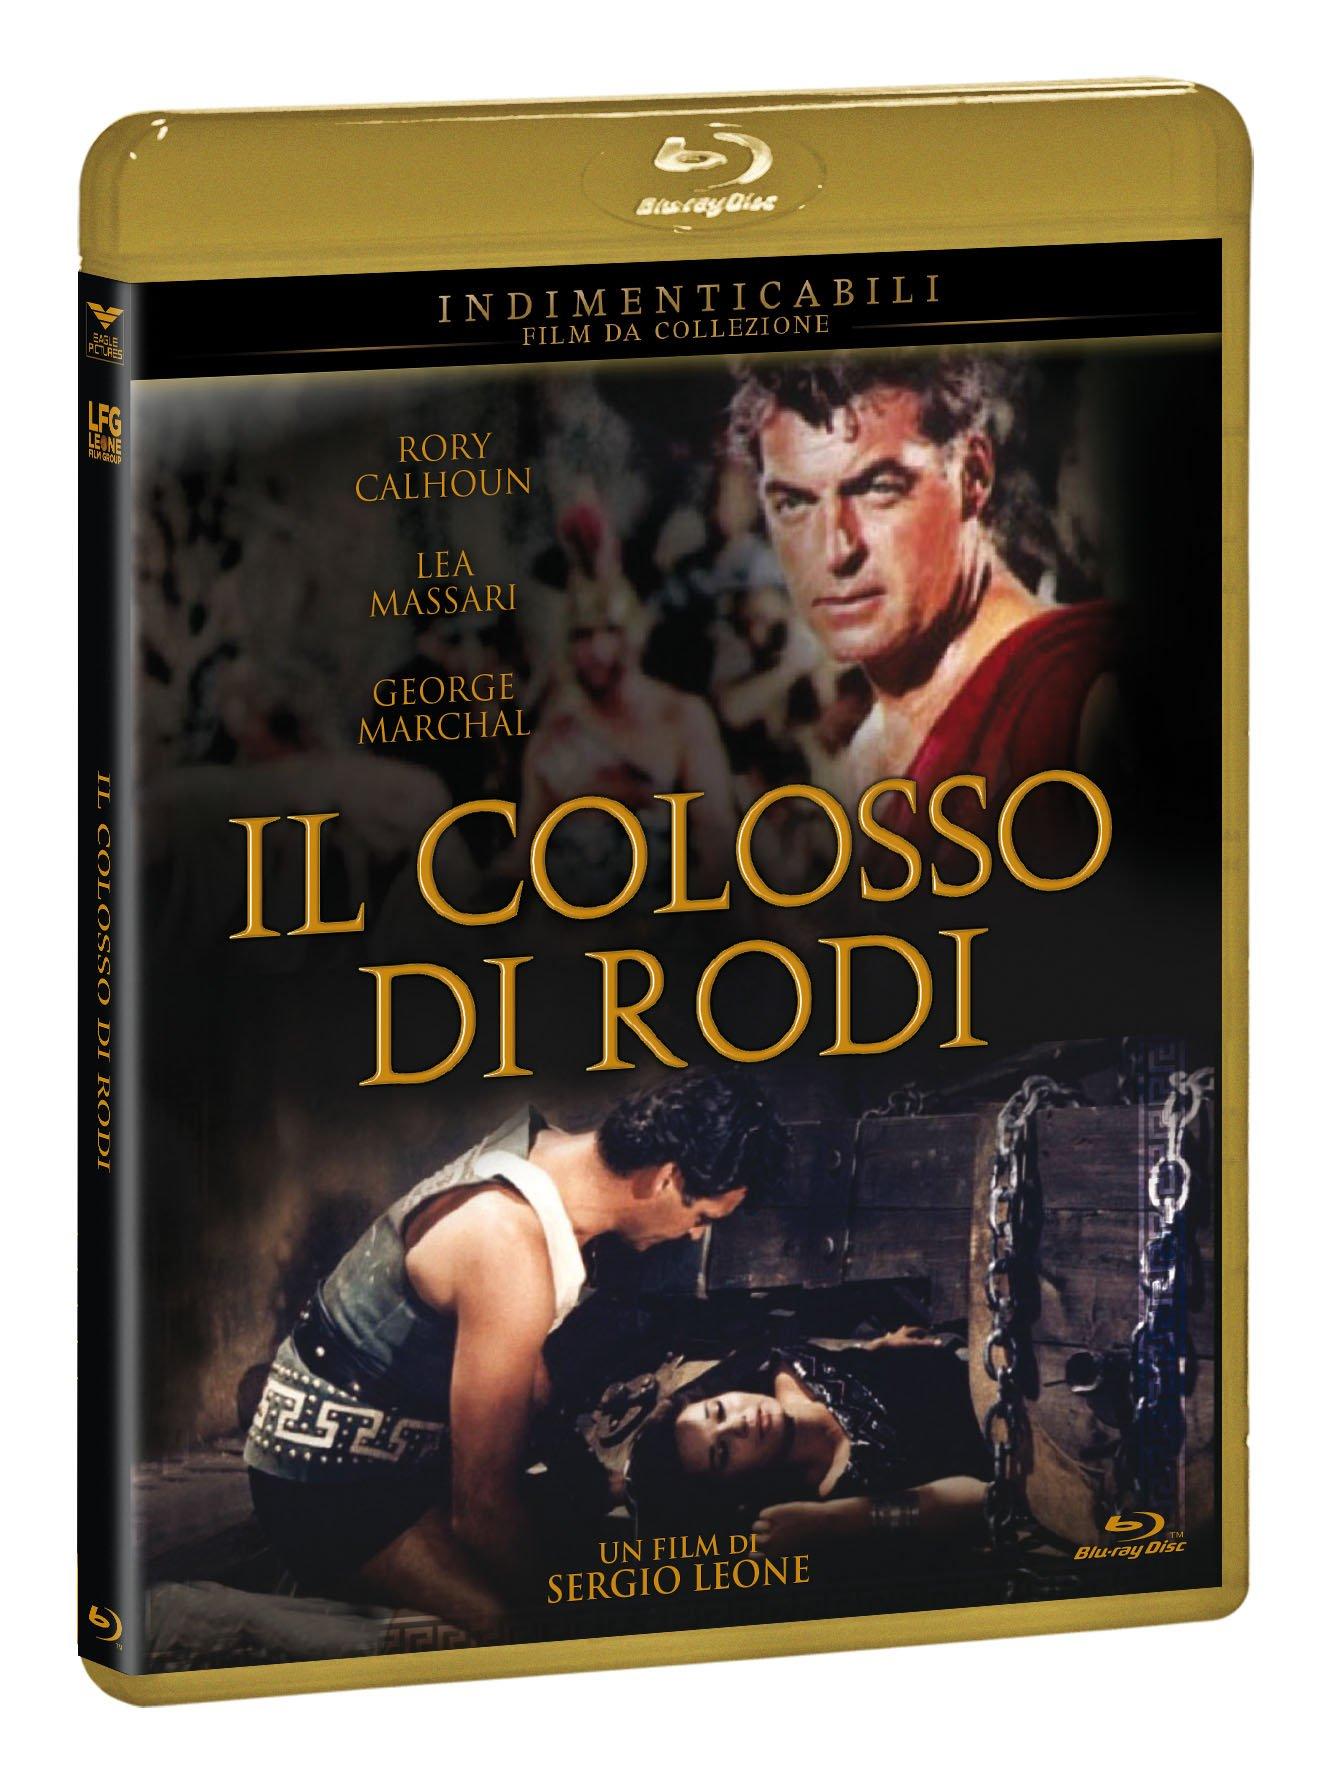 IL COLOSSO DI RODI (INDIMENTICABILI) - BLU RAY